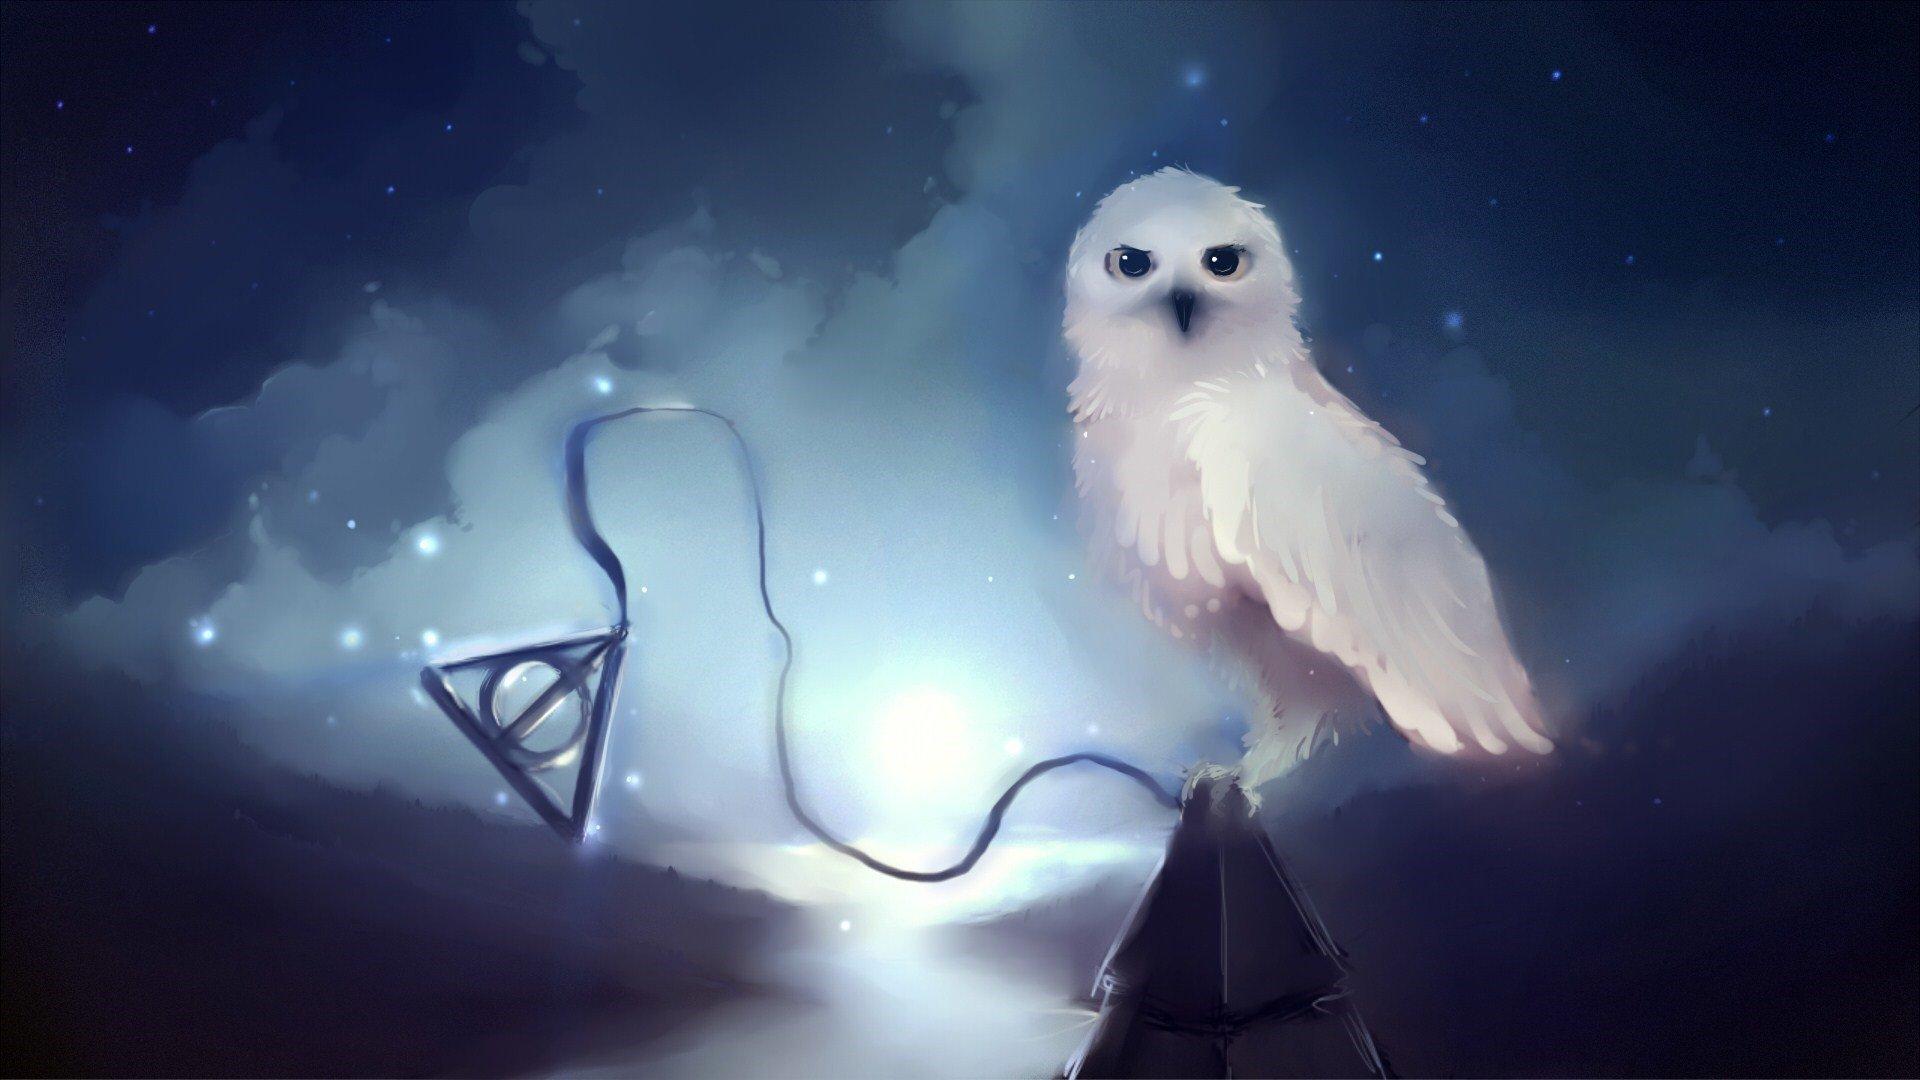 Картинки на телефон фантастические совы